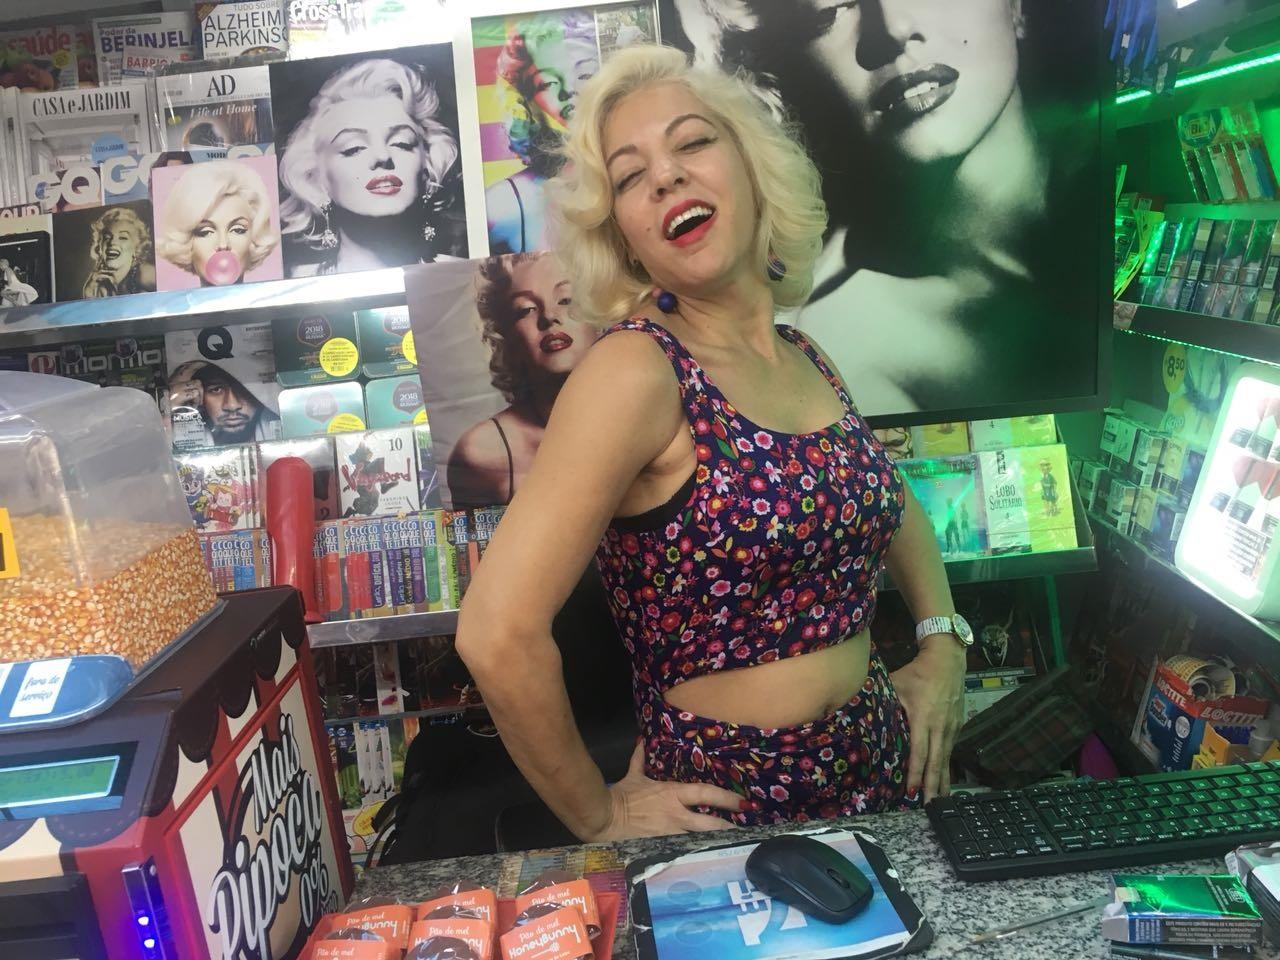 Os turistas curtem e disparam cliques naquela aparição surreal: uma deusa do cinema que tenta vender jornal em Ipanema. Foto Joaquim Ferrreira dos Santos